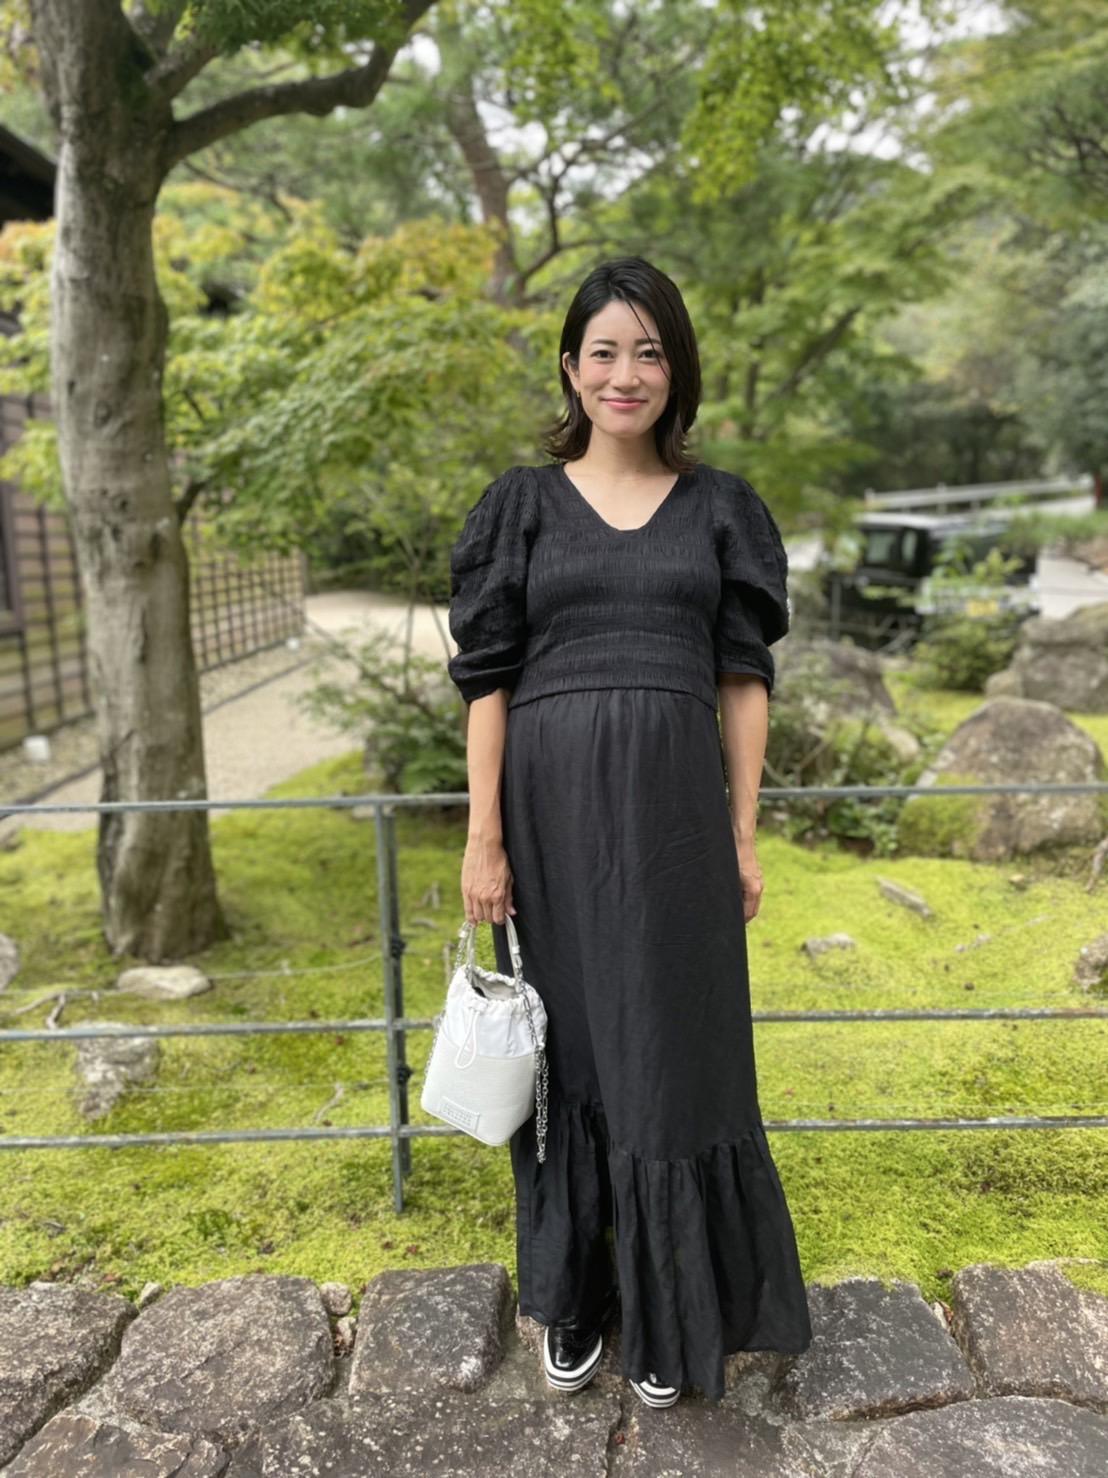 おしゃれな妊婦さんの妊娠9カ月秋のマタニティワンピースコーデ